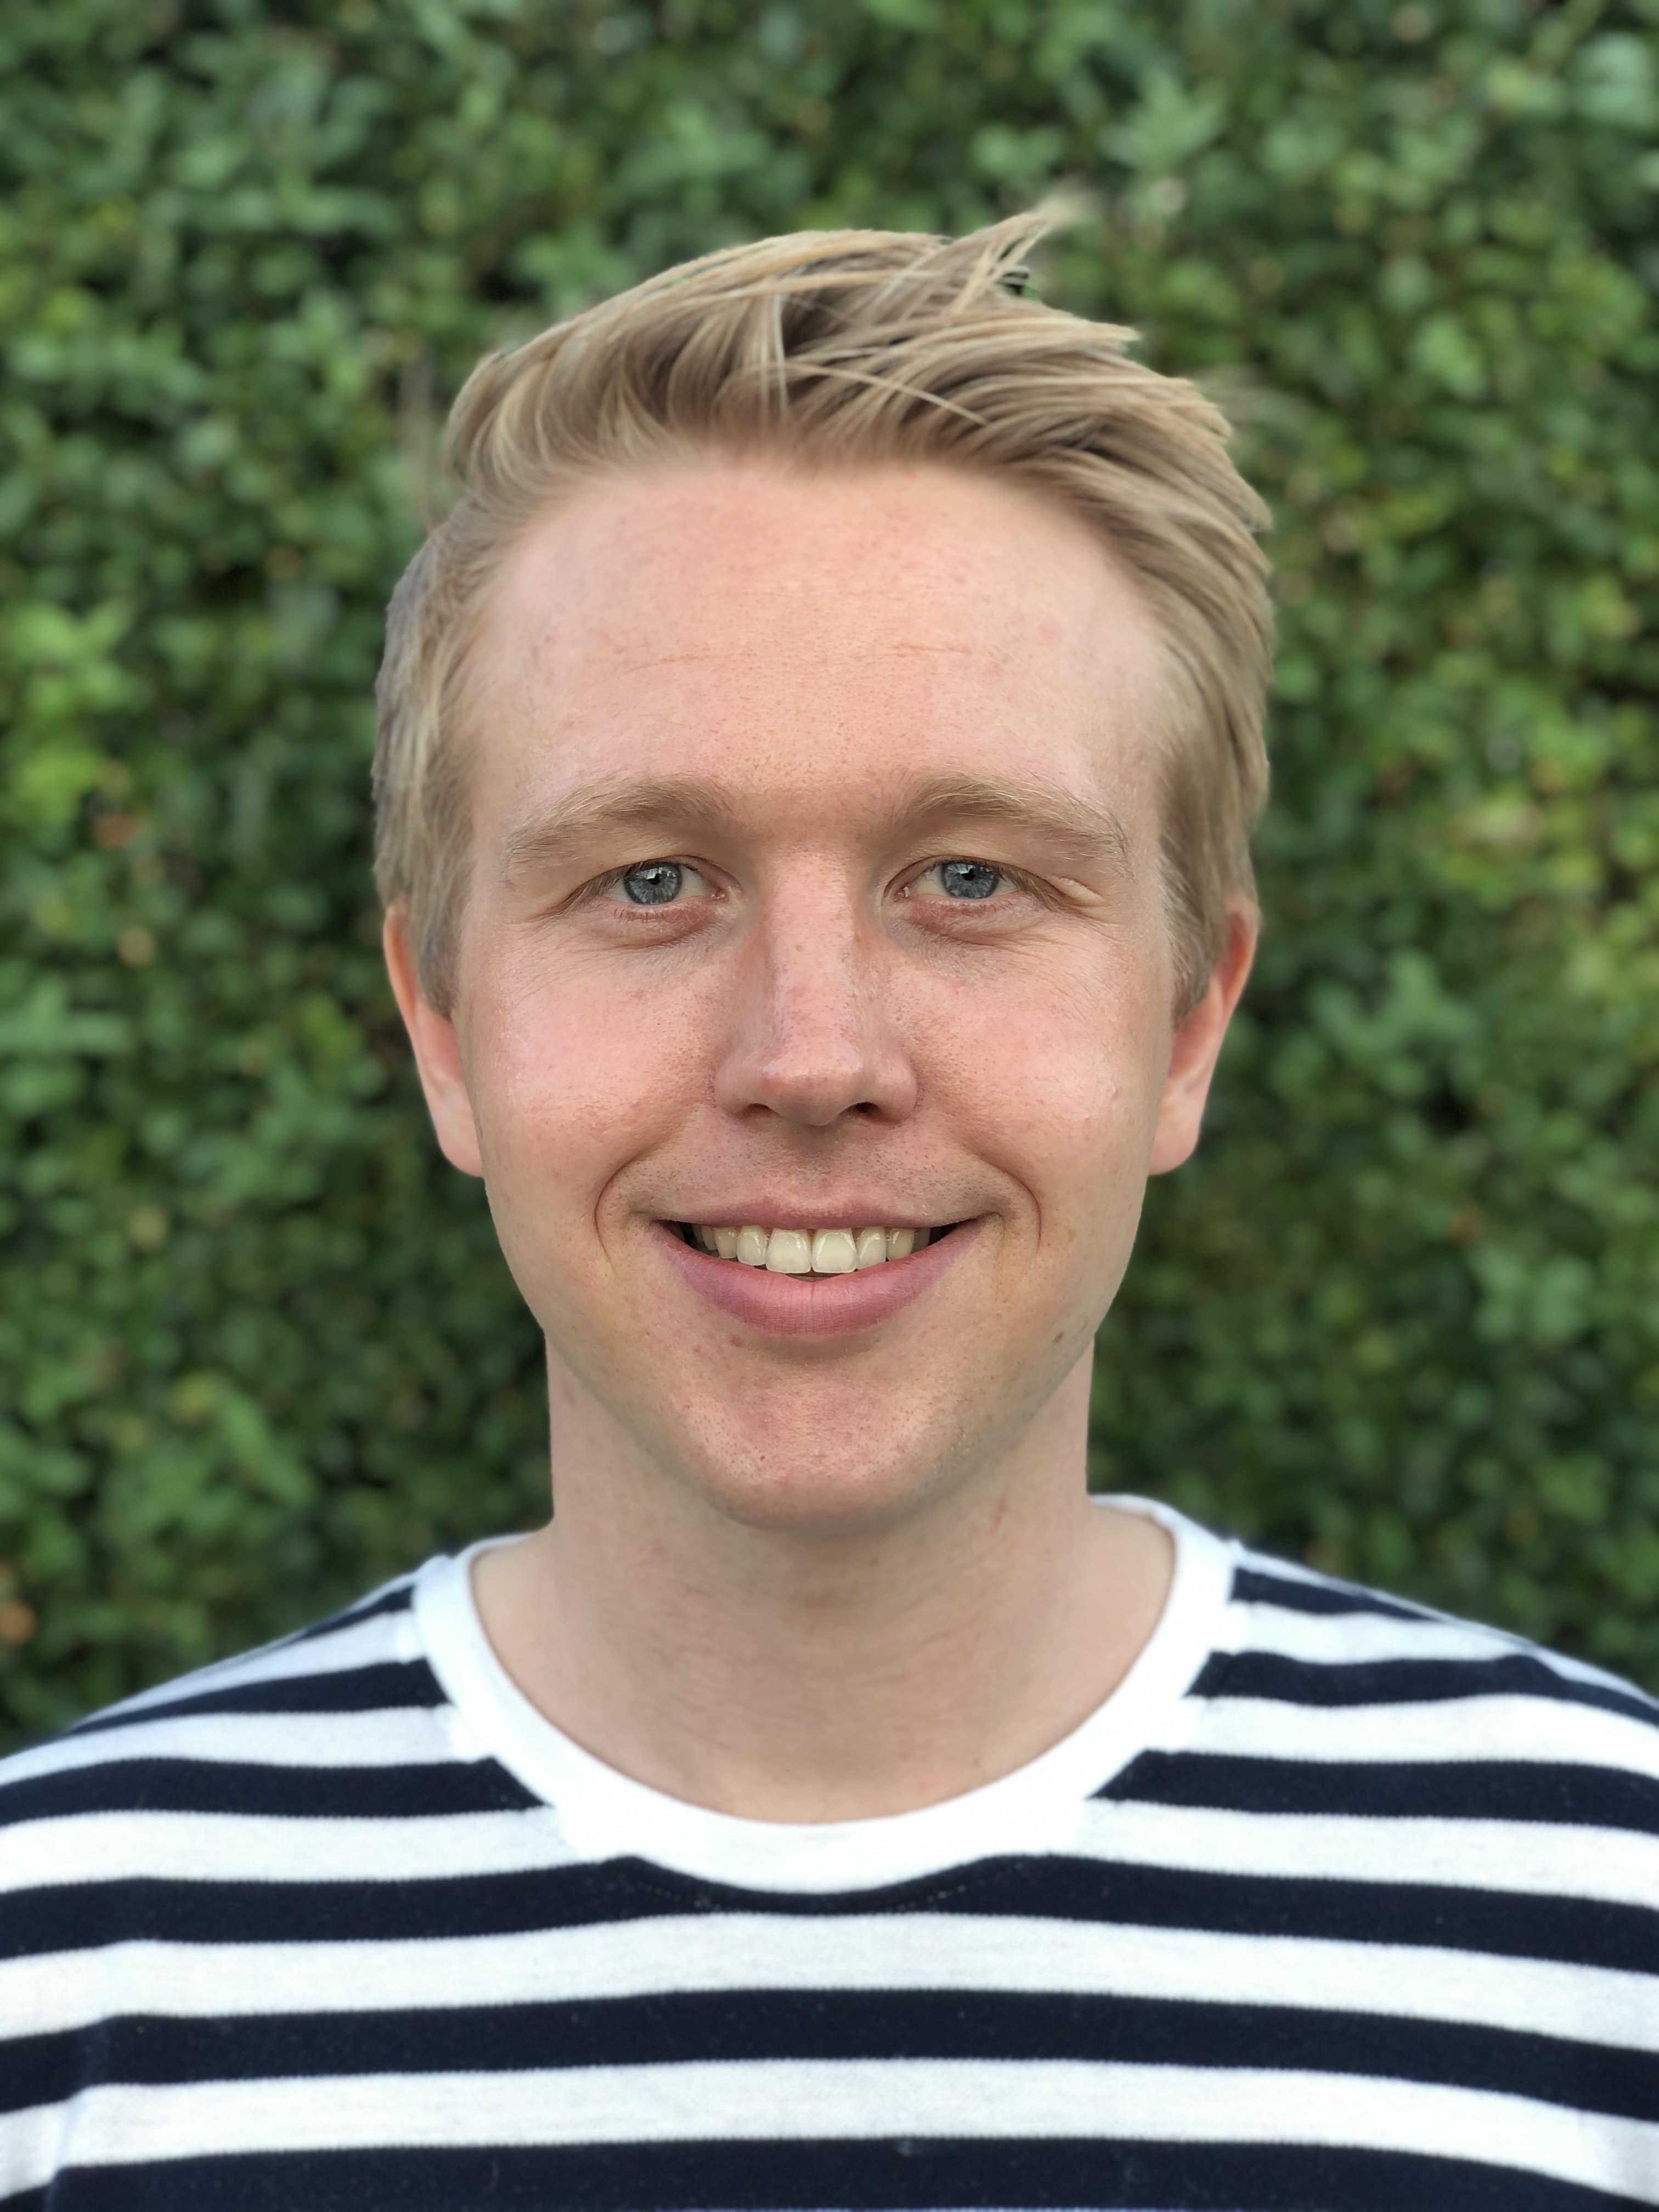 Simon Ravnsbæk Bruun